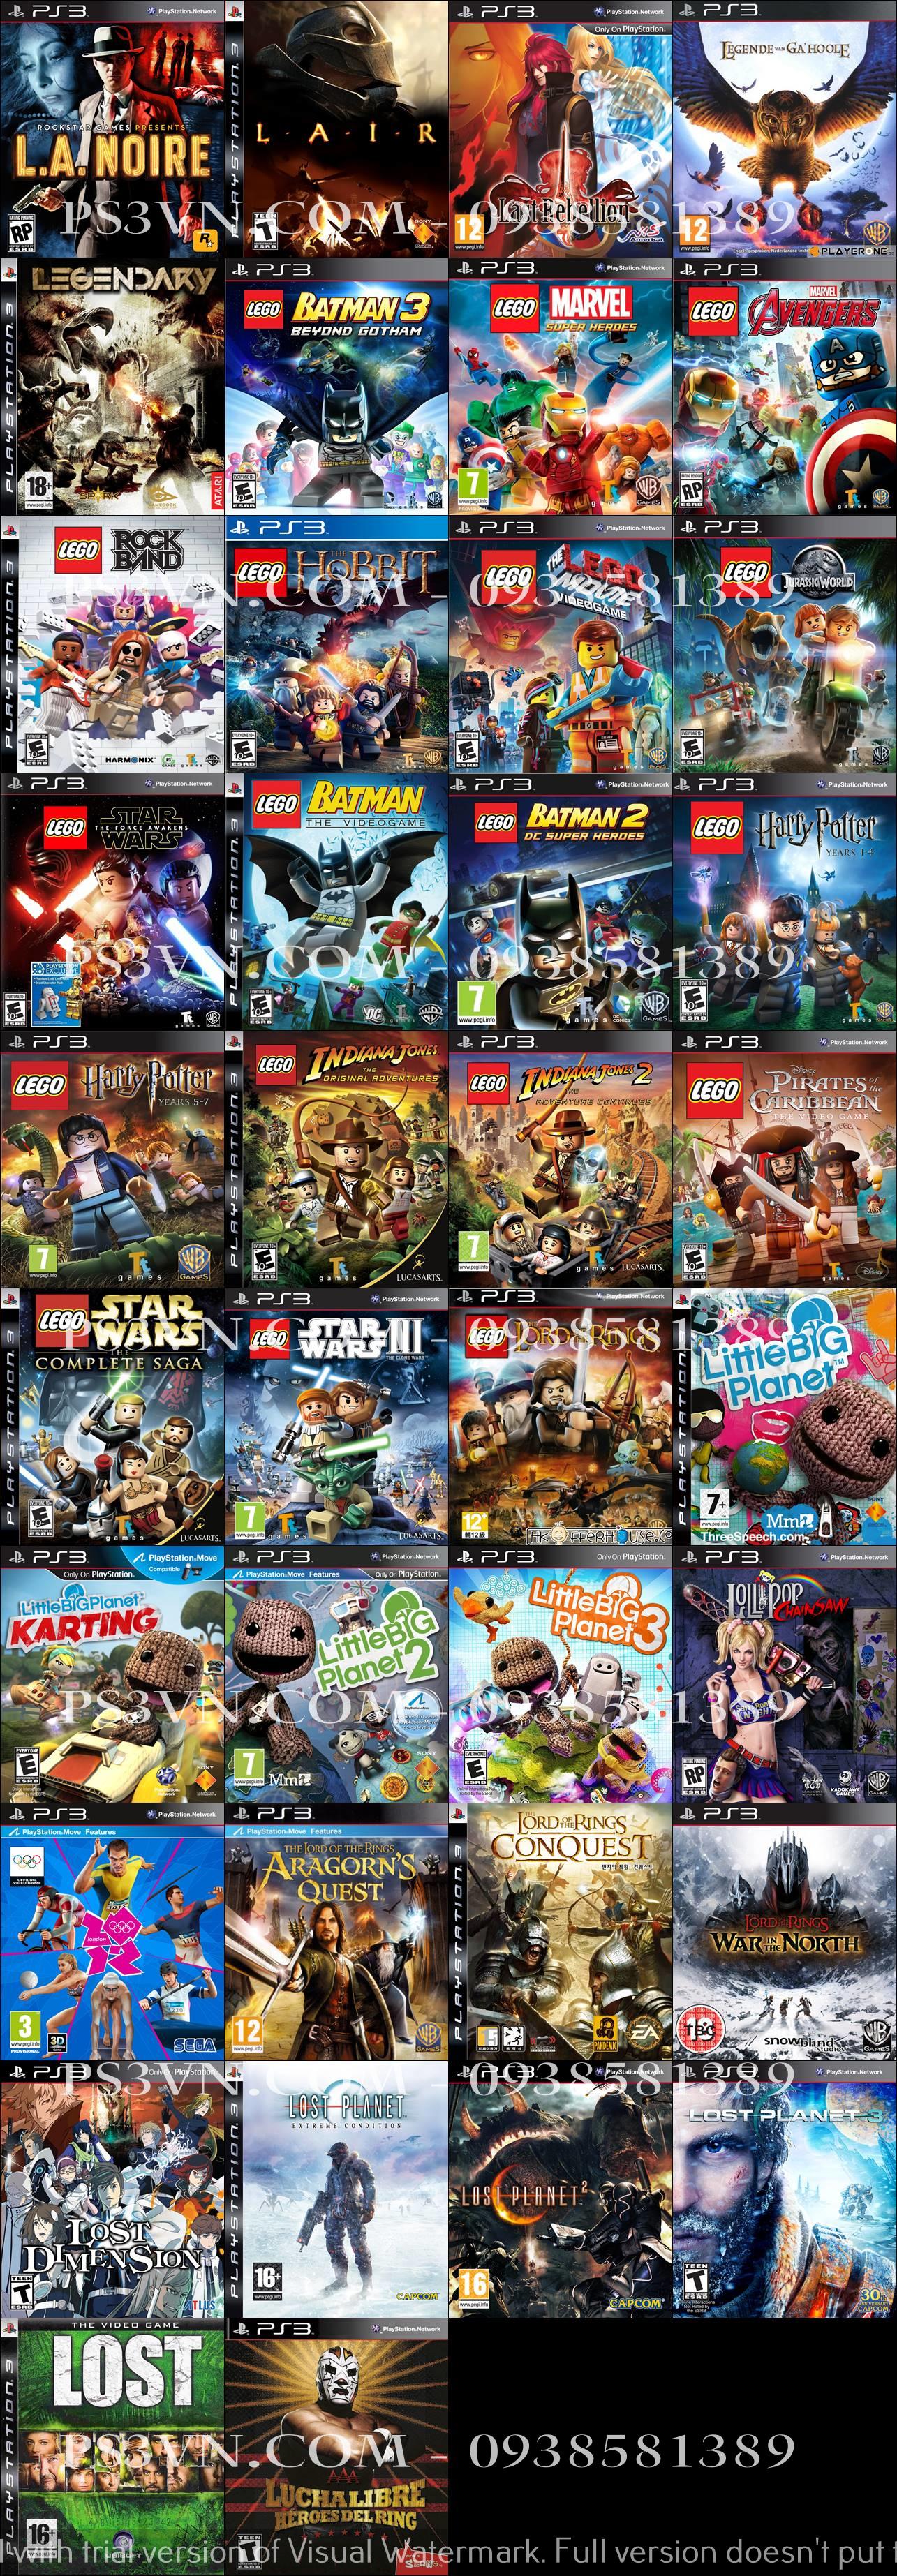 Chép Game PS3 tại nhà giá rẻ nhất TPHCM - PS3VN.COM - 25